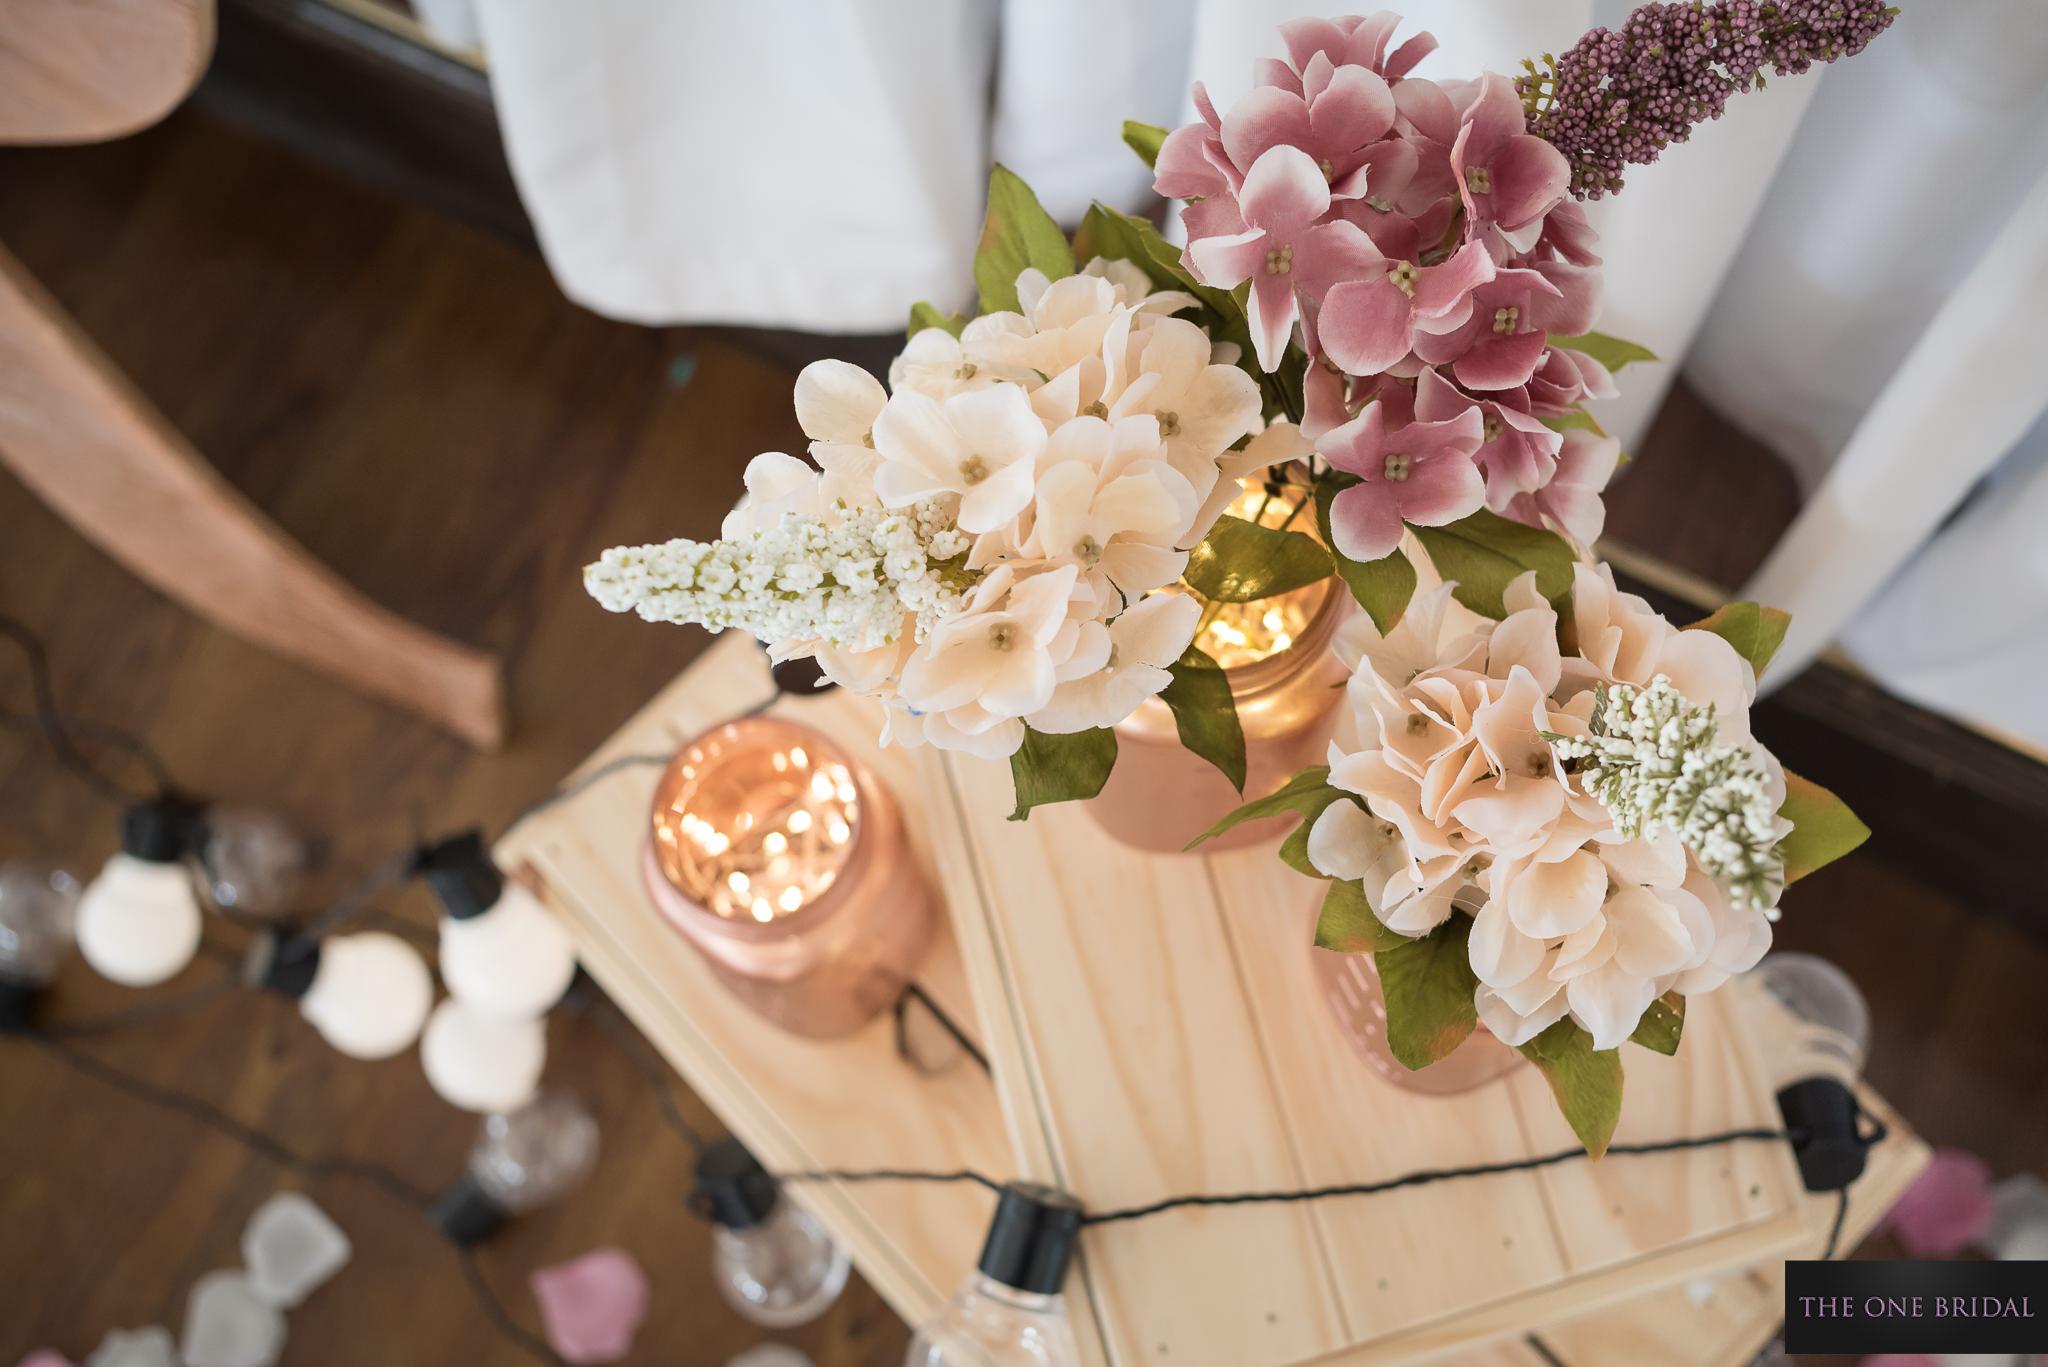 mandarin-golf-club-wedding-markham-the-one-bridal-121